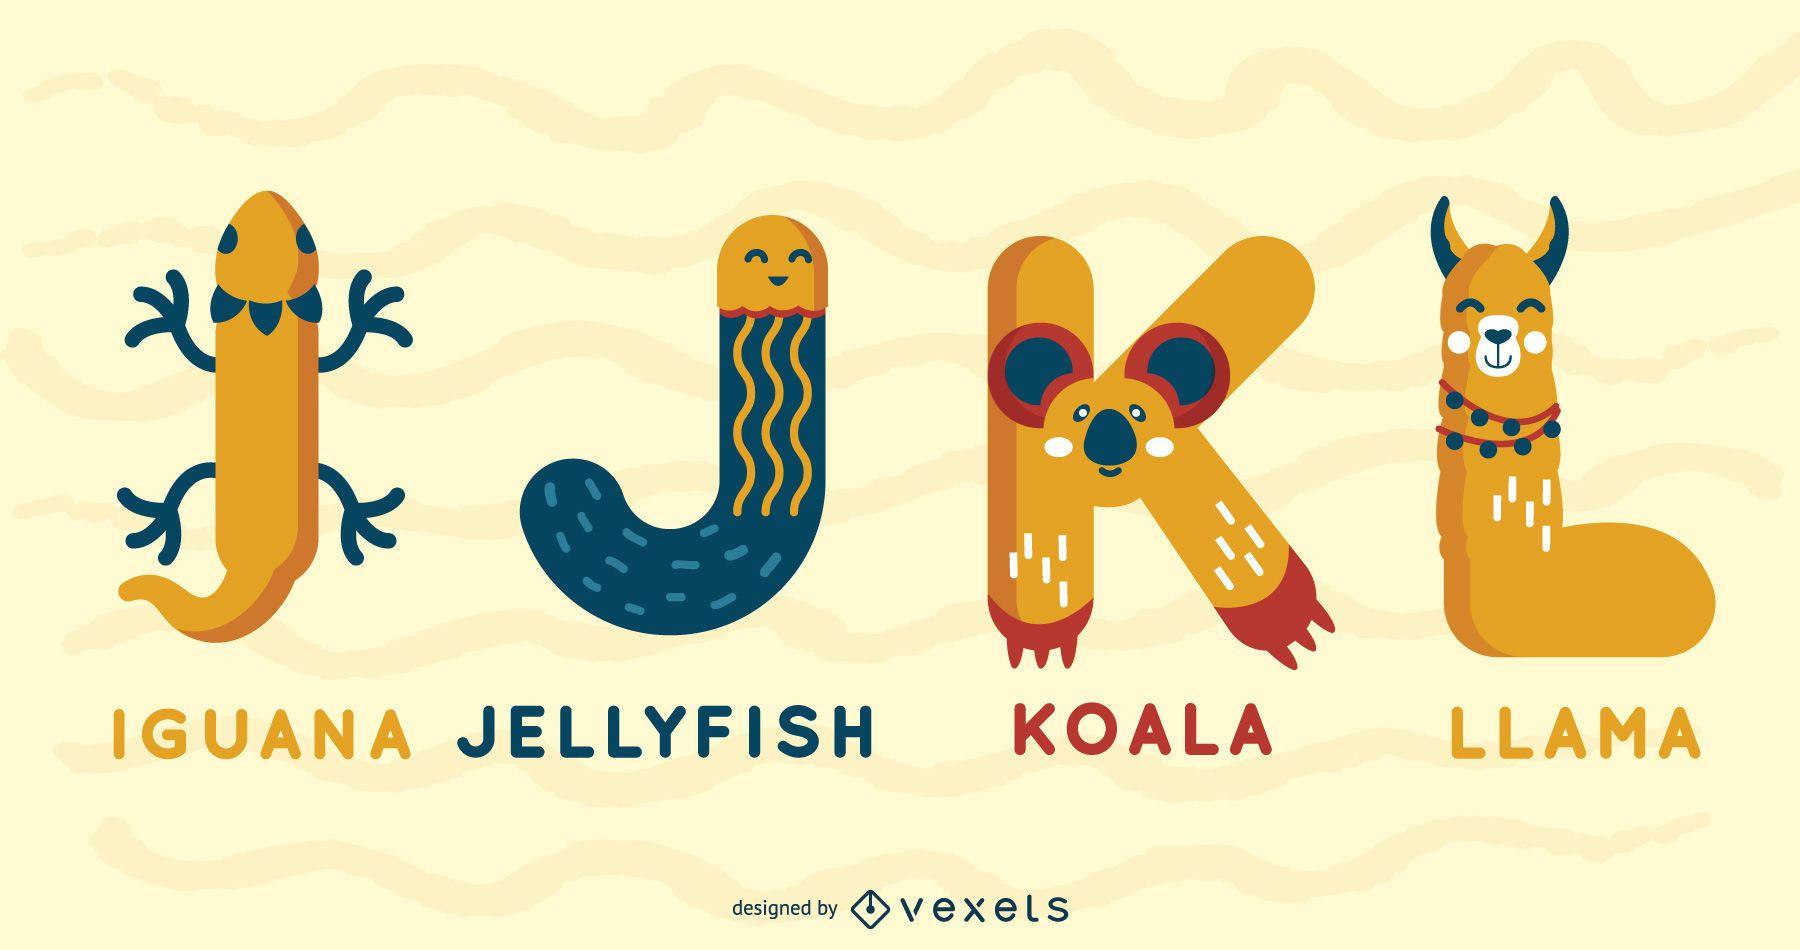 Paquete ilustrado de alfabeto animal IJKL